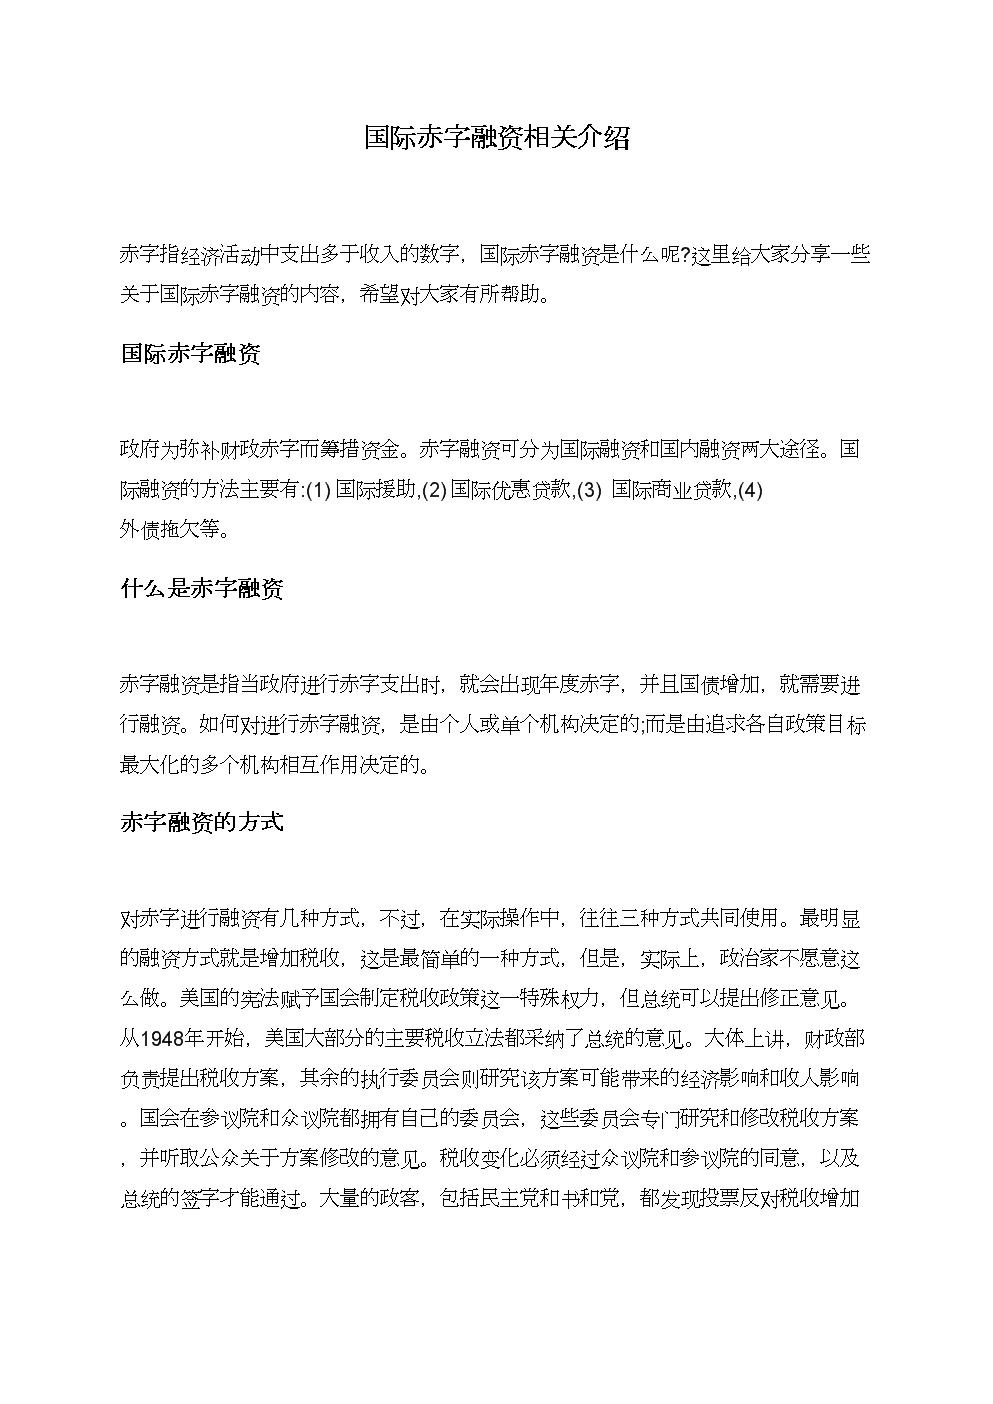 国际赤字融资相关介绍.doc